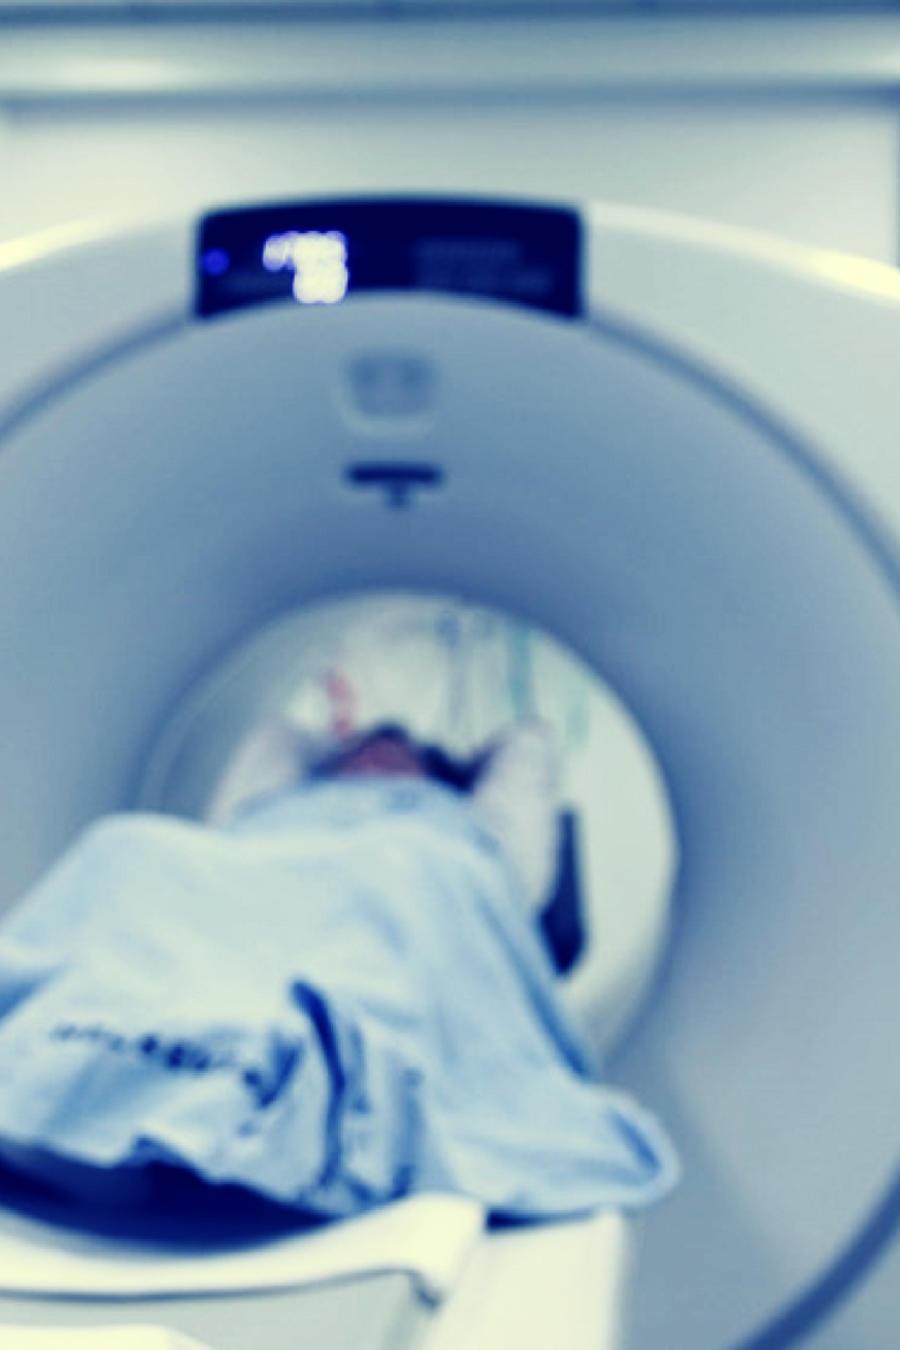 La madre de cuatro niños, sufrió un ataque cardíaco fatal cuando salió mal una prueba de rutina el 30 de octubre de 2013